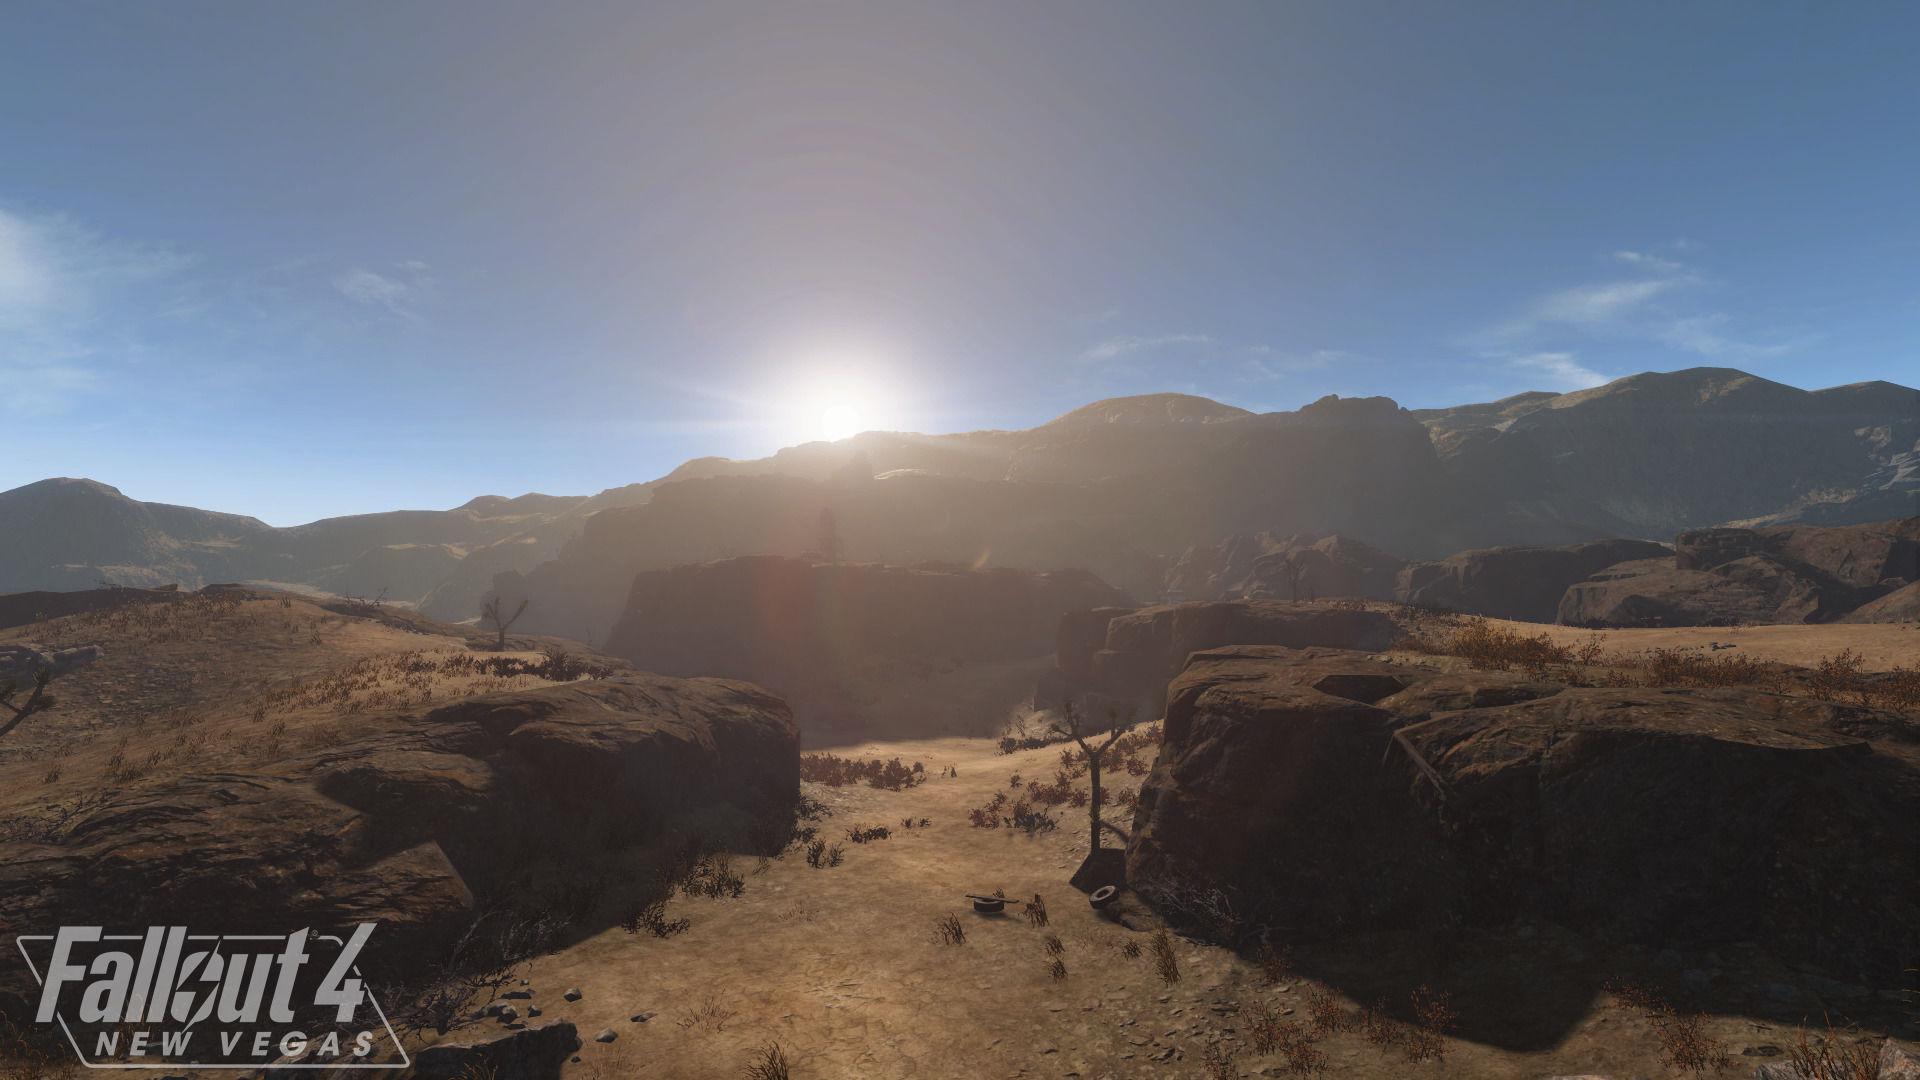 Fallout 4 New Vegas için yeni ekran görüntüleri paylaşıldı